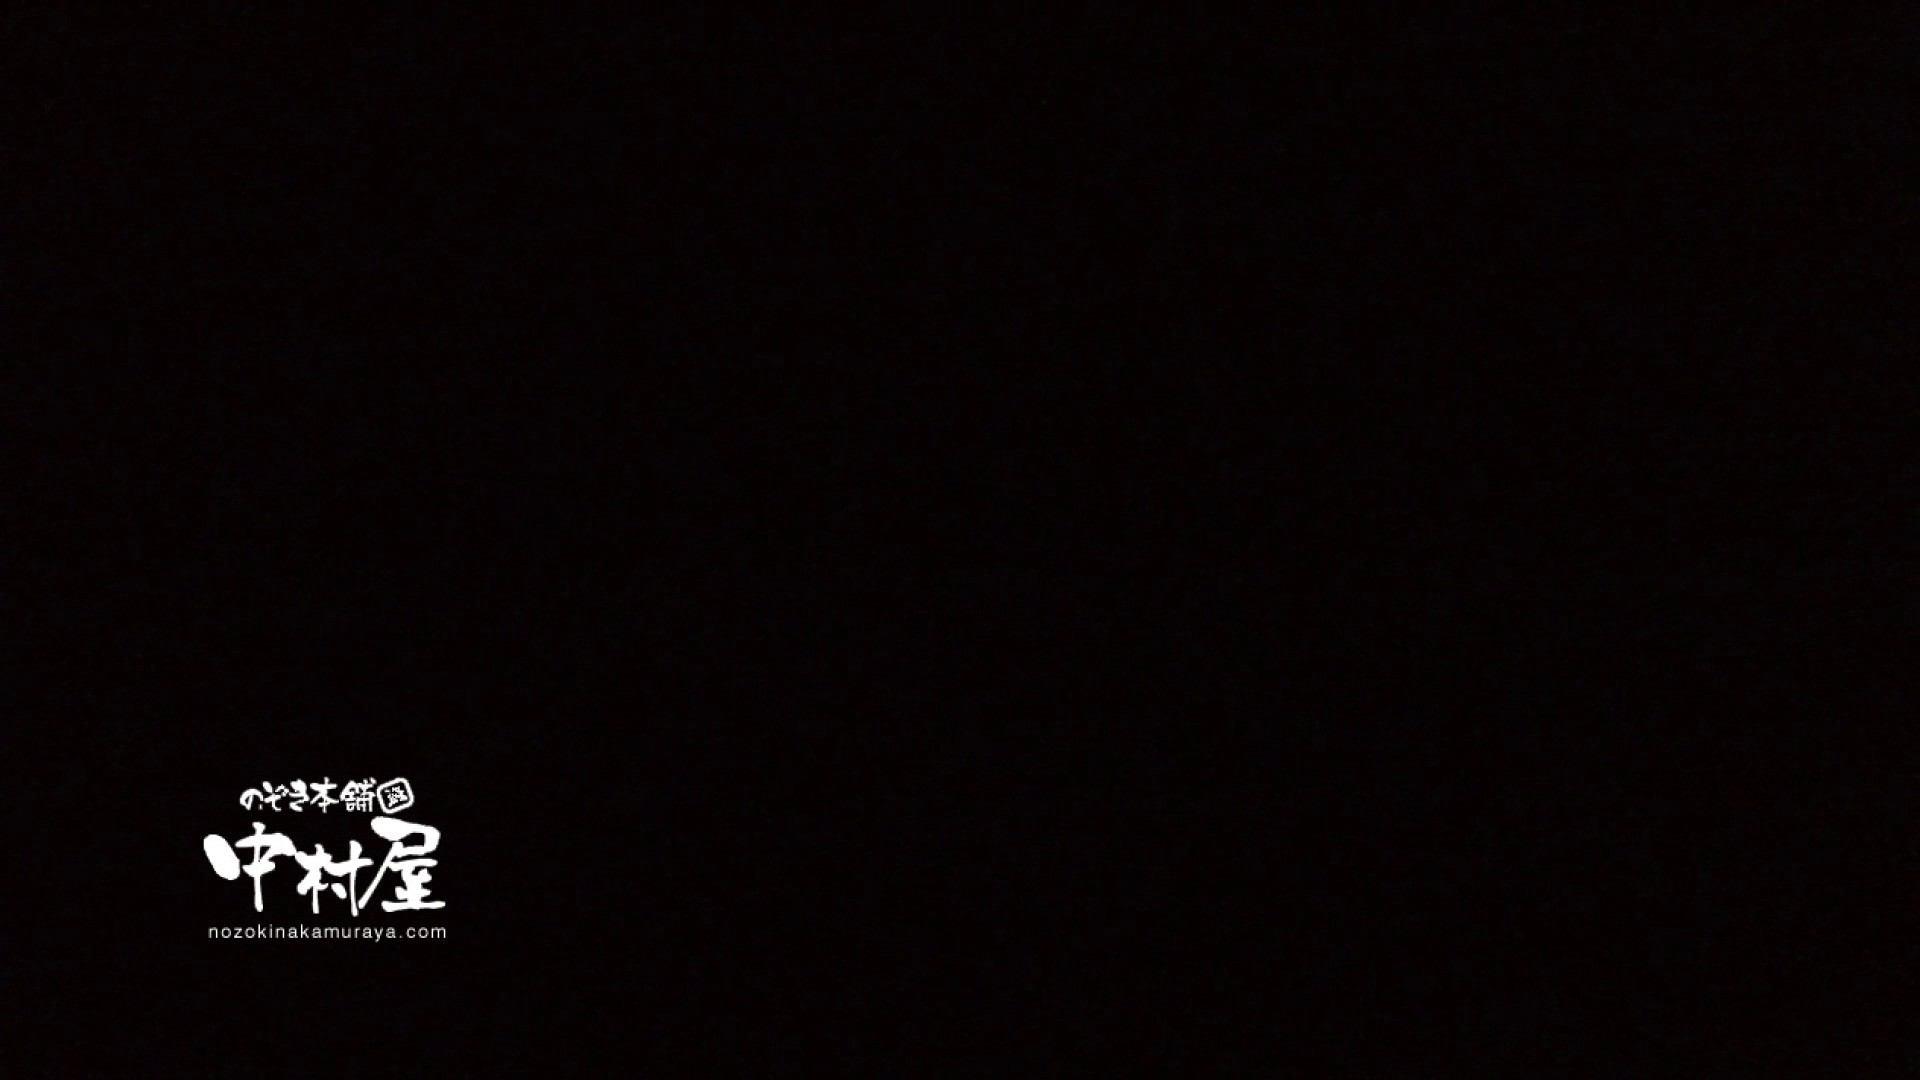 鬼畜 vol.10 あぁ無情…中出しパイパン! 前編 鬼畜 すけべAV動画紹介 107画像 69